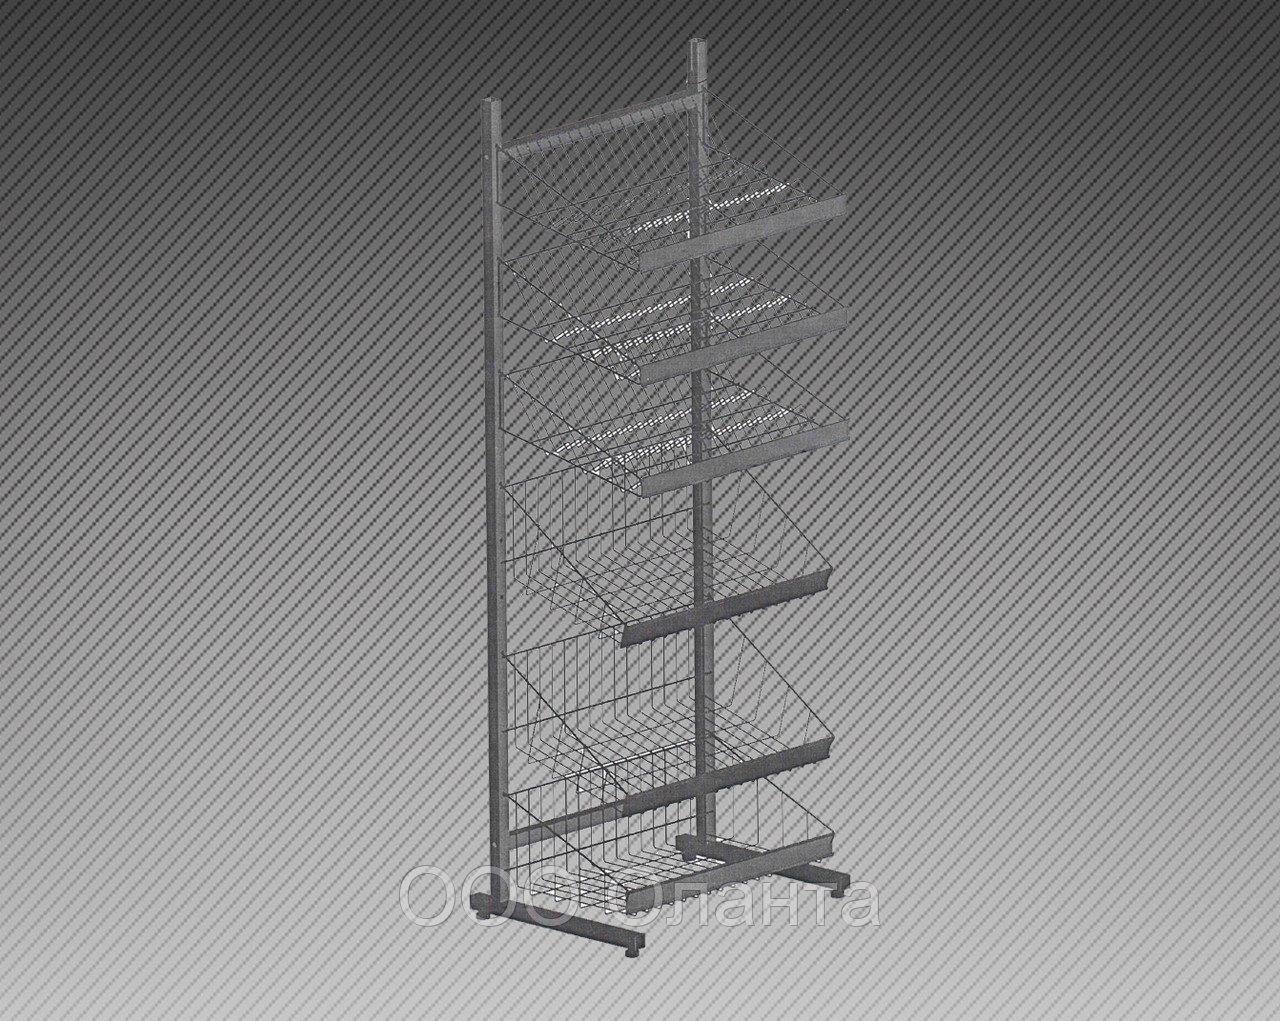 Прикассовая стойка на 6 корзин и 6 полок под шоколад (400х800х1800 мм) арт. СтПр97